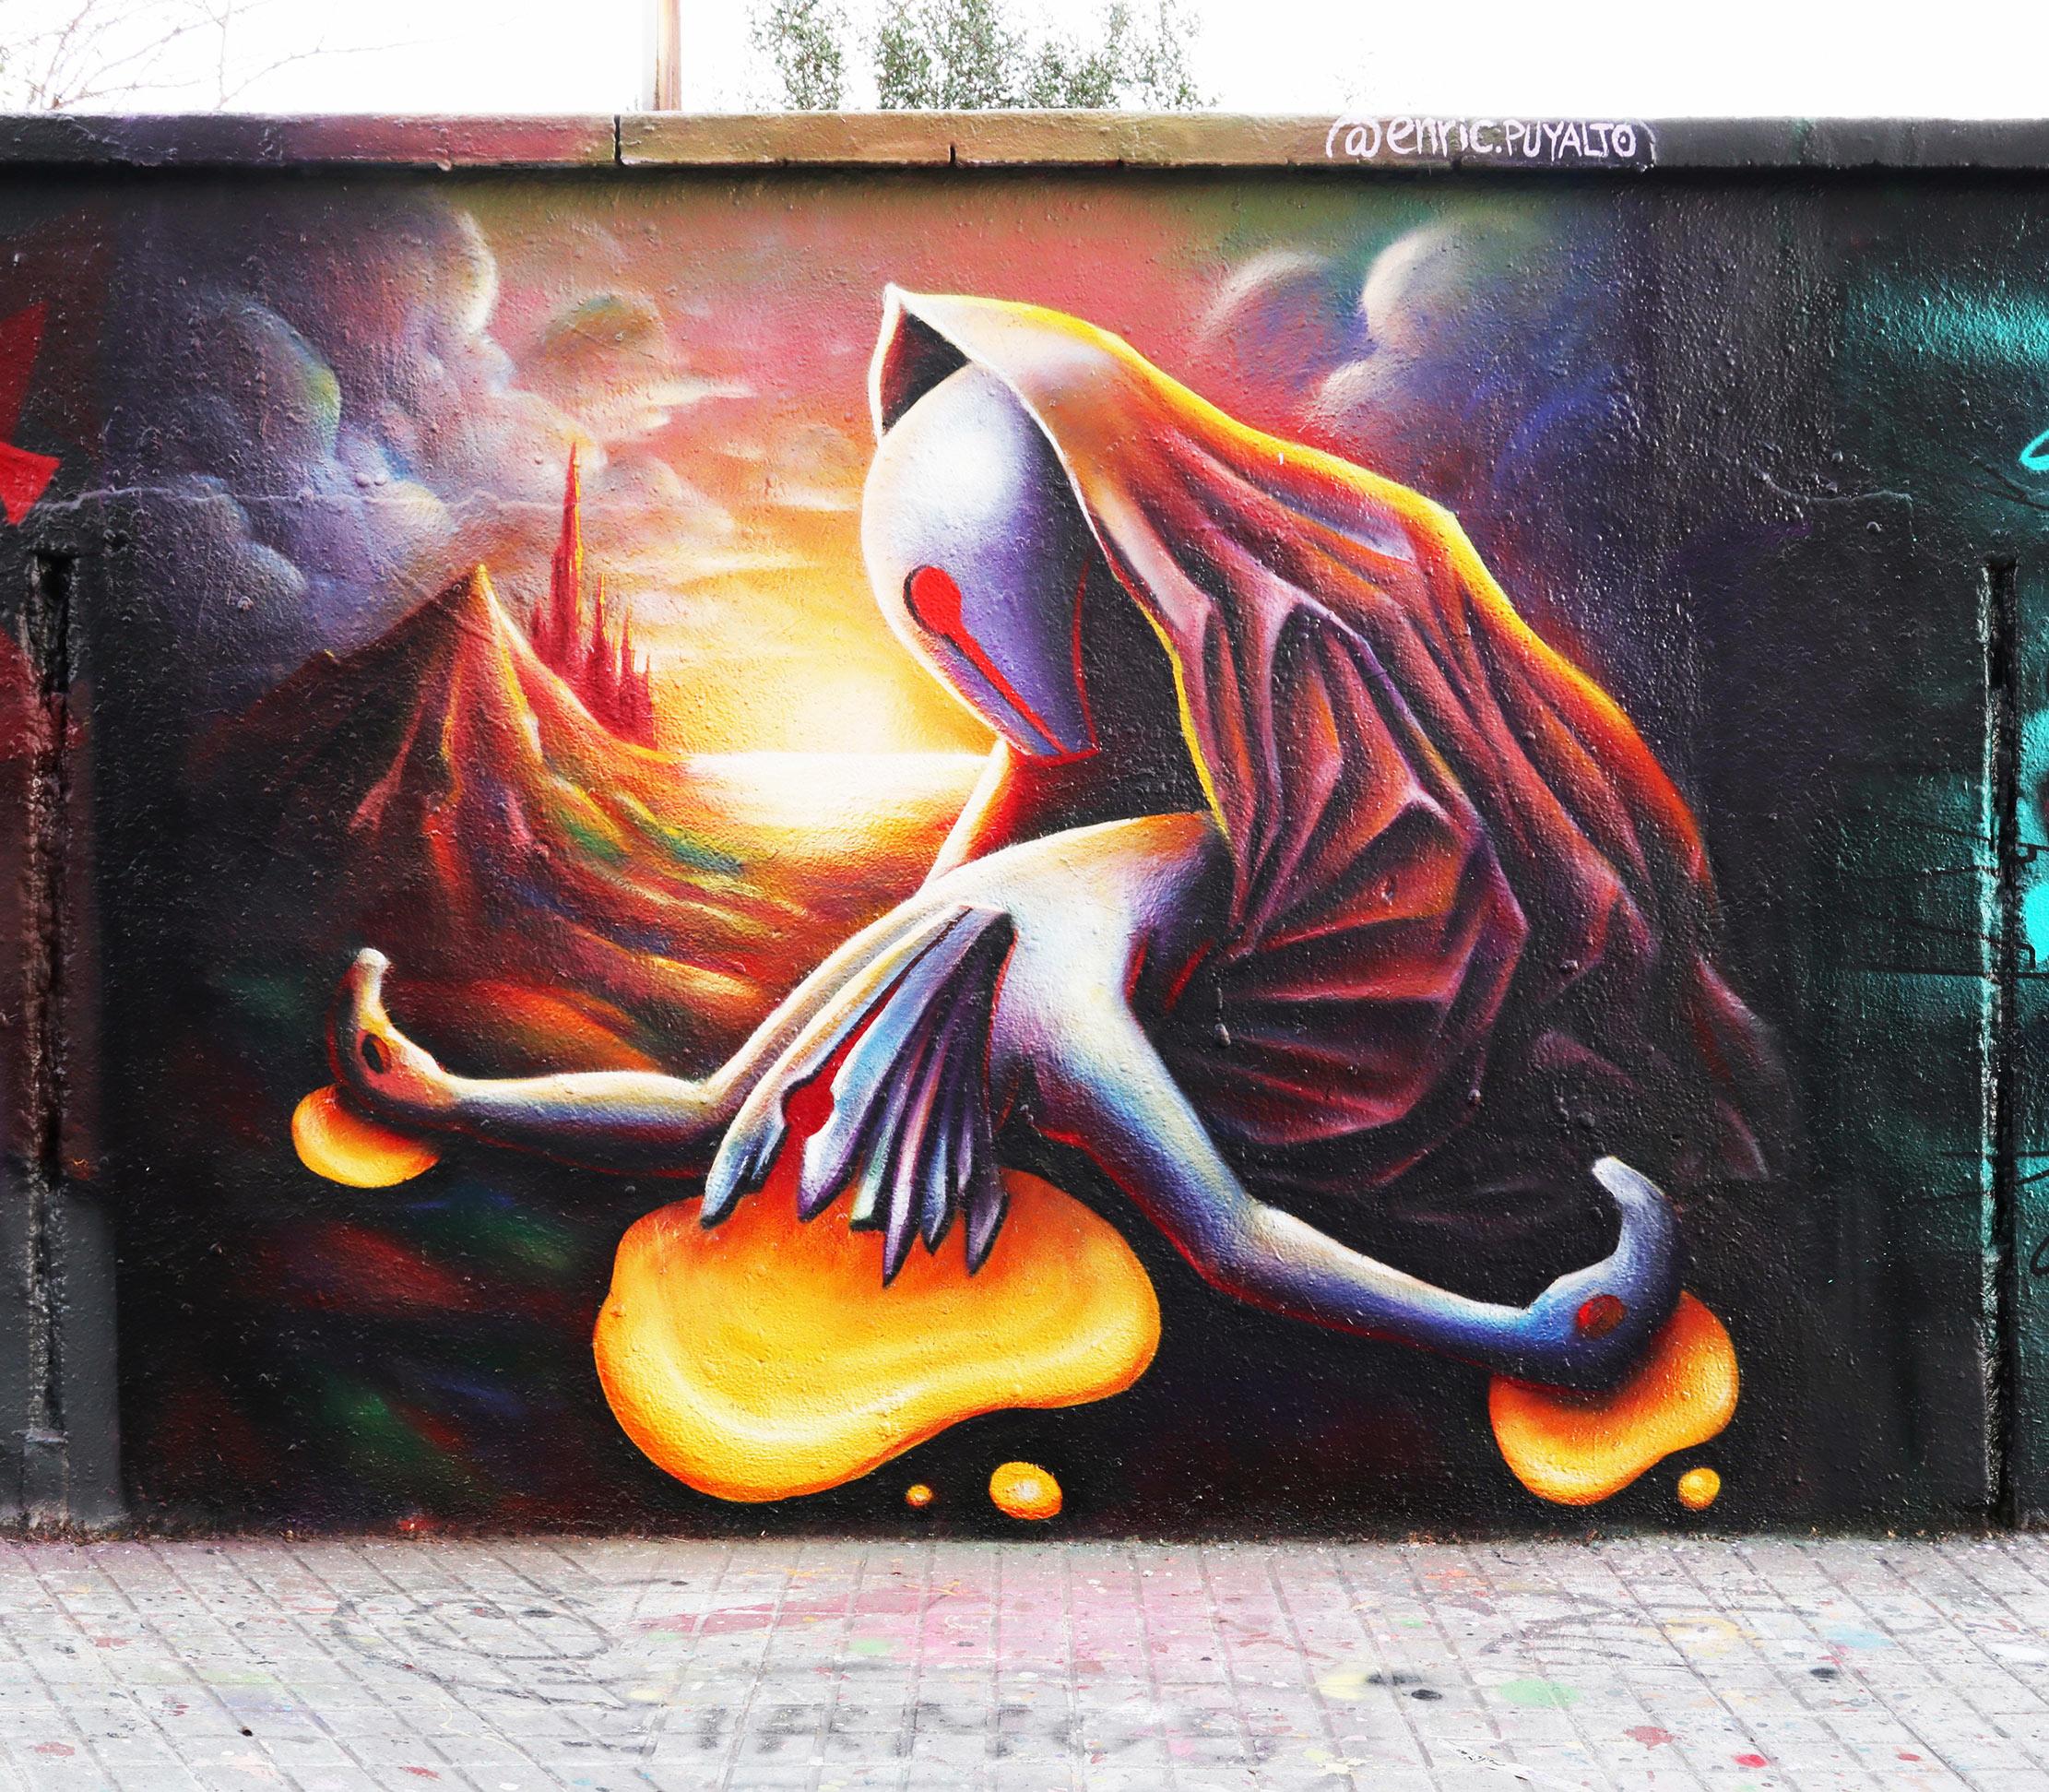 Arte urbano en Barcelona de Rezo, Albert Bonet y Enric Puyalto